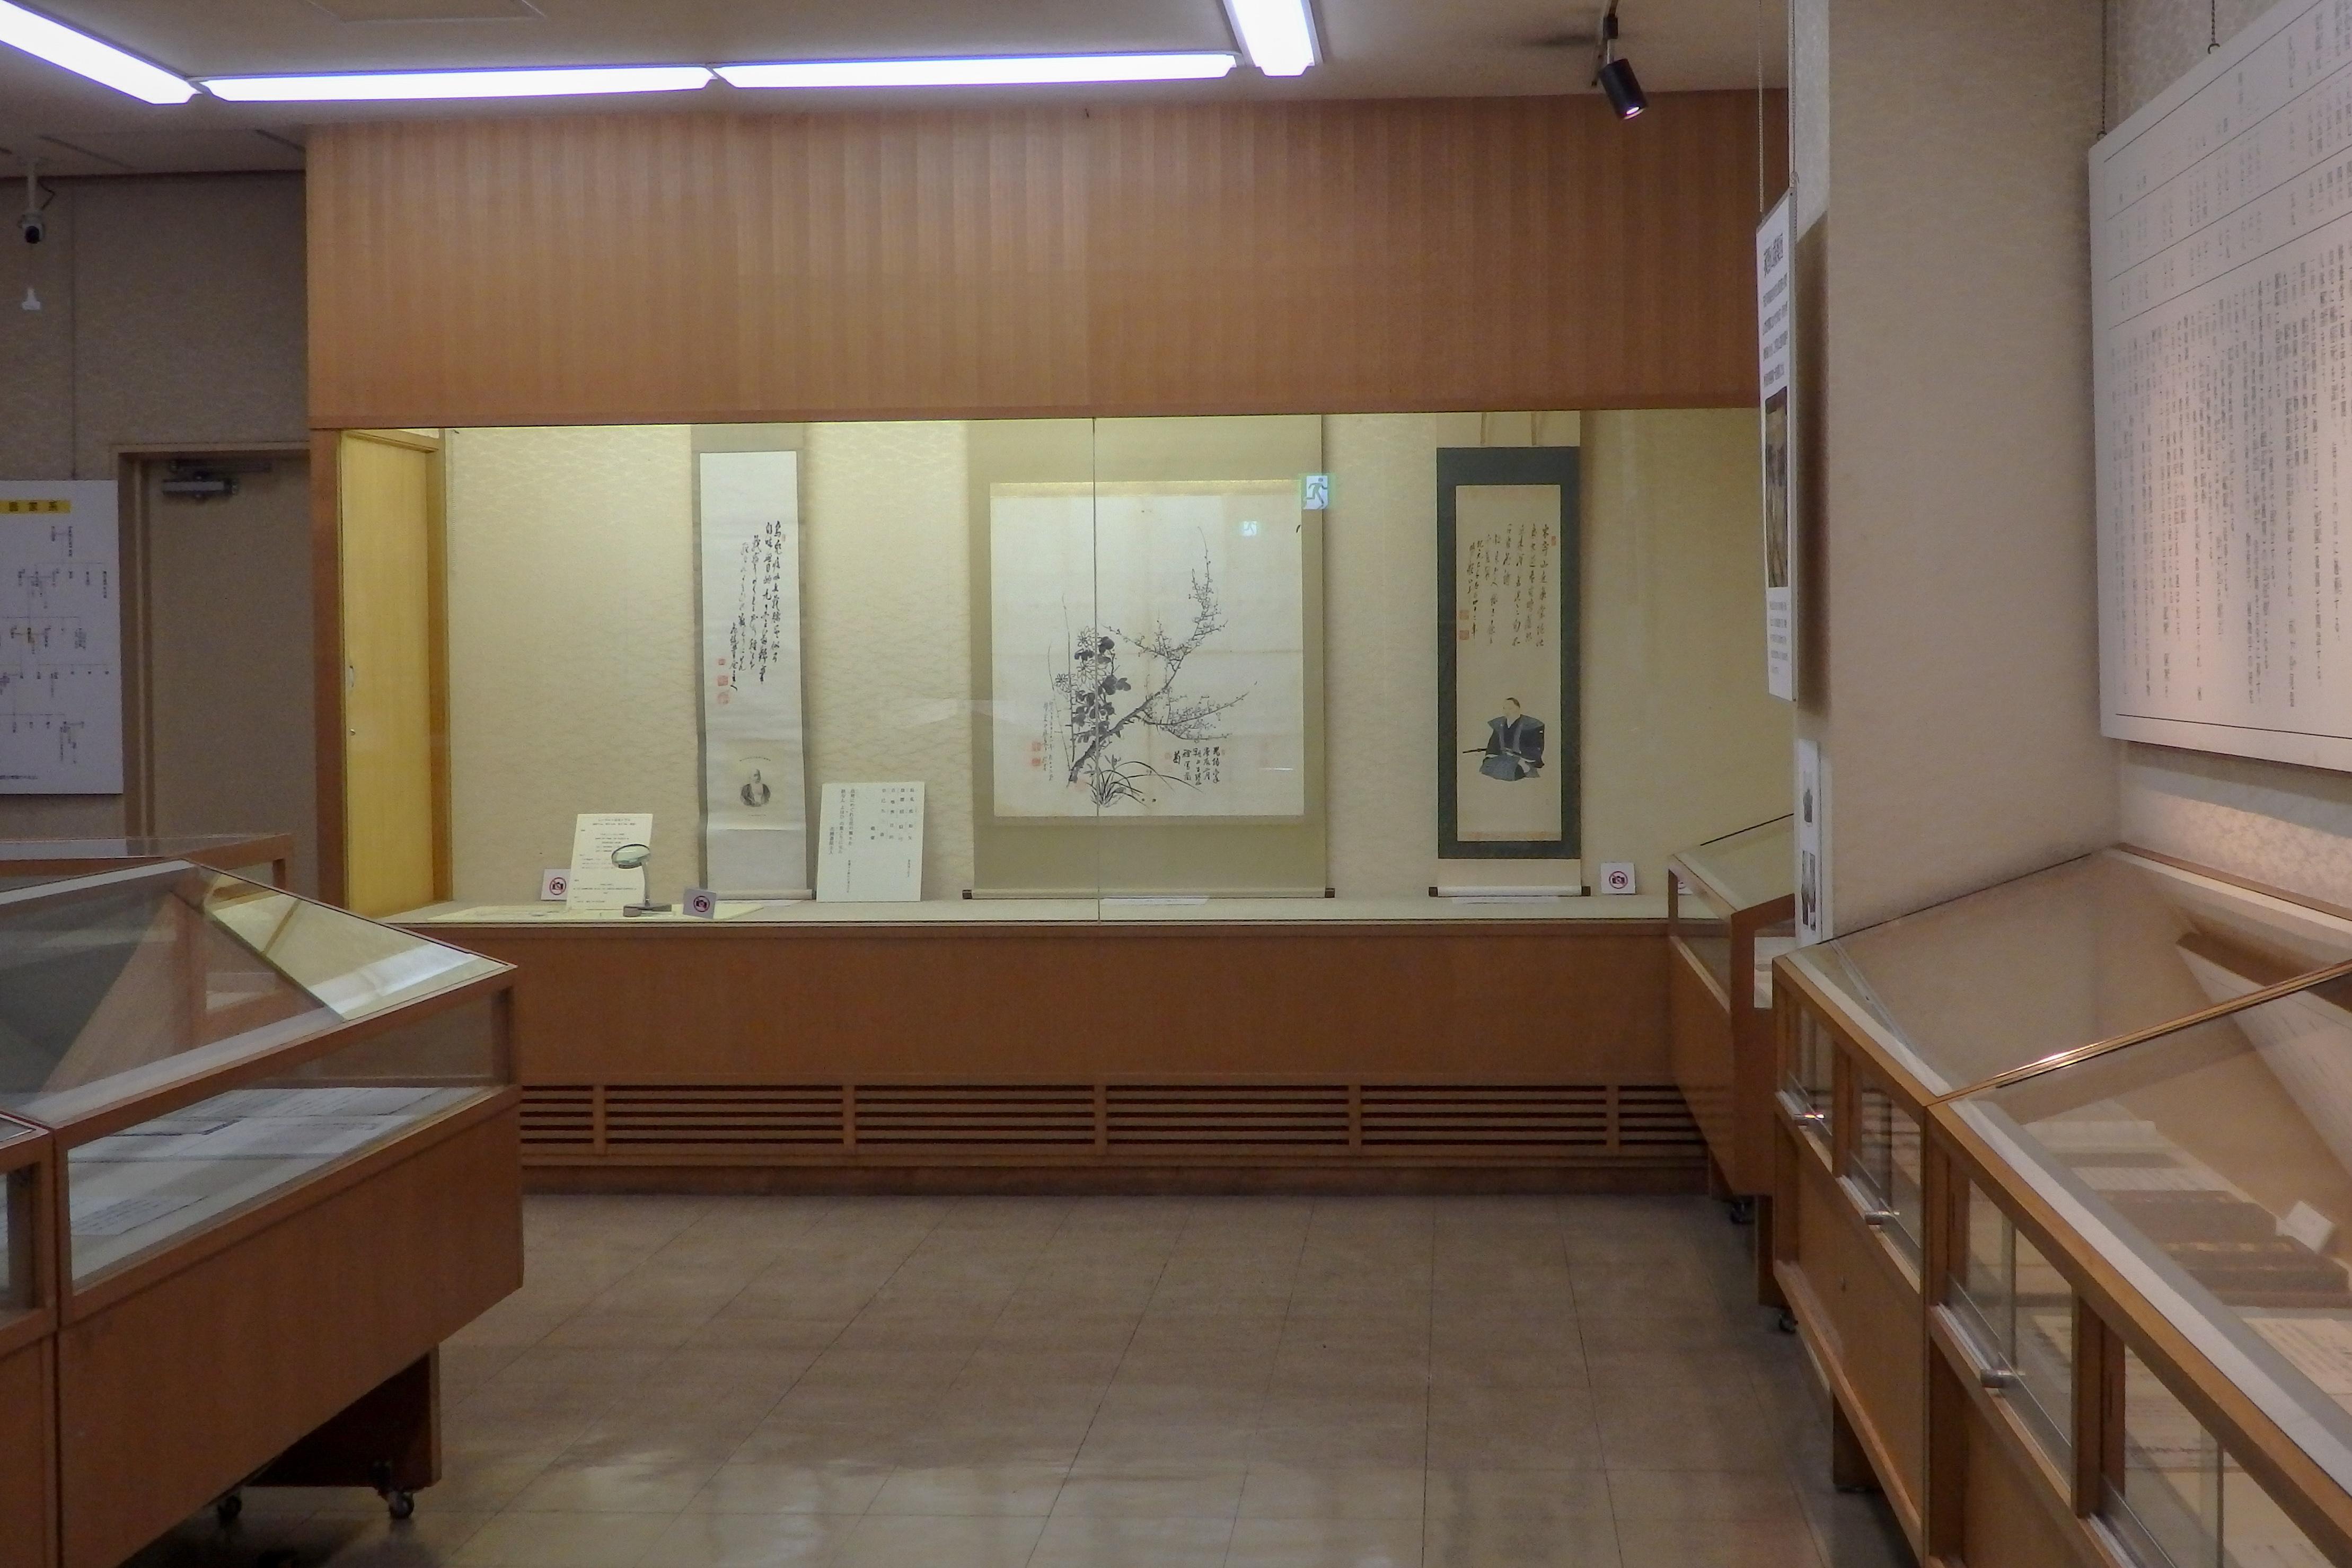 伊藤圭介記念室